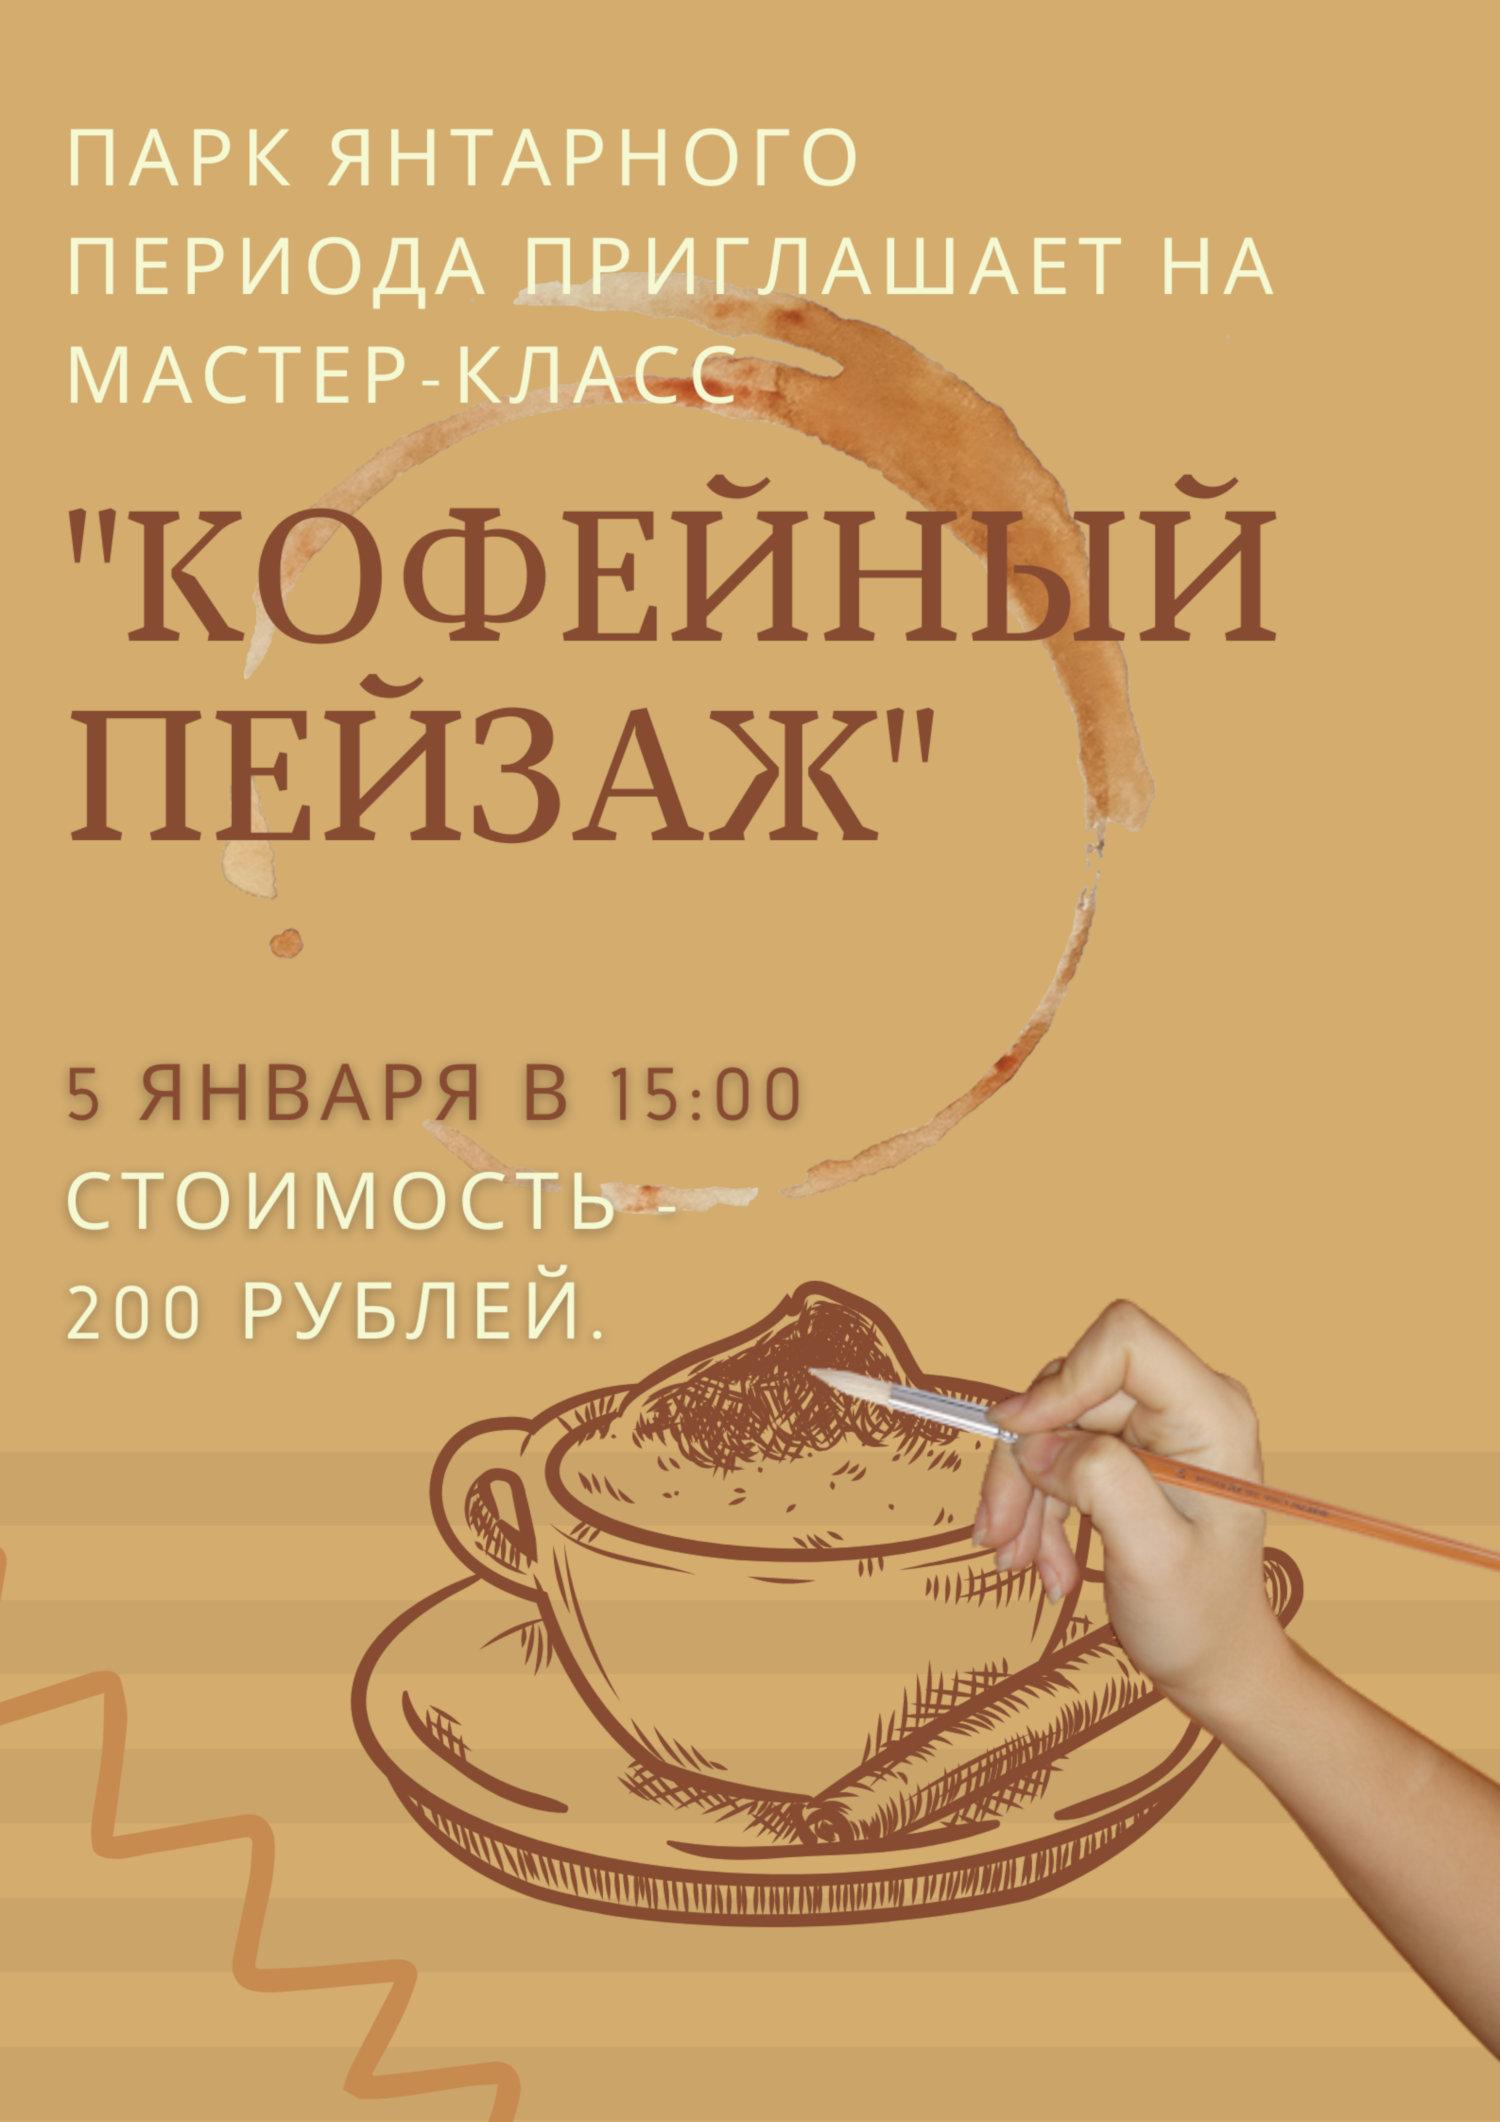 Мастер-класс «Кофейный пейзаж»